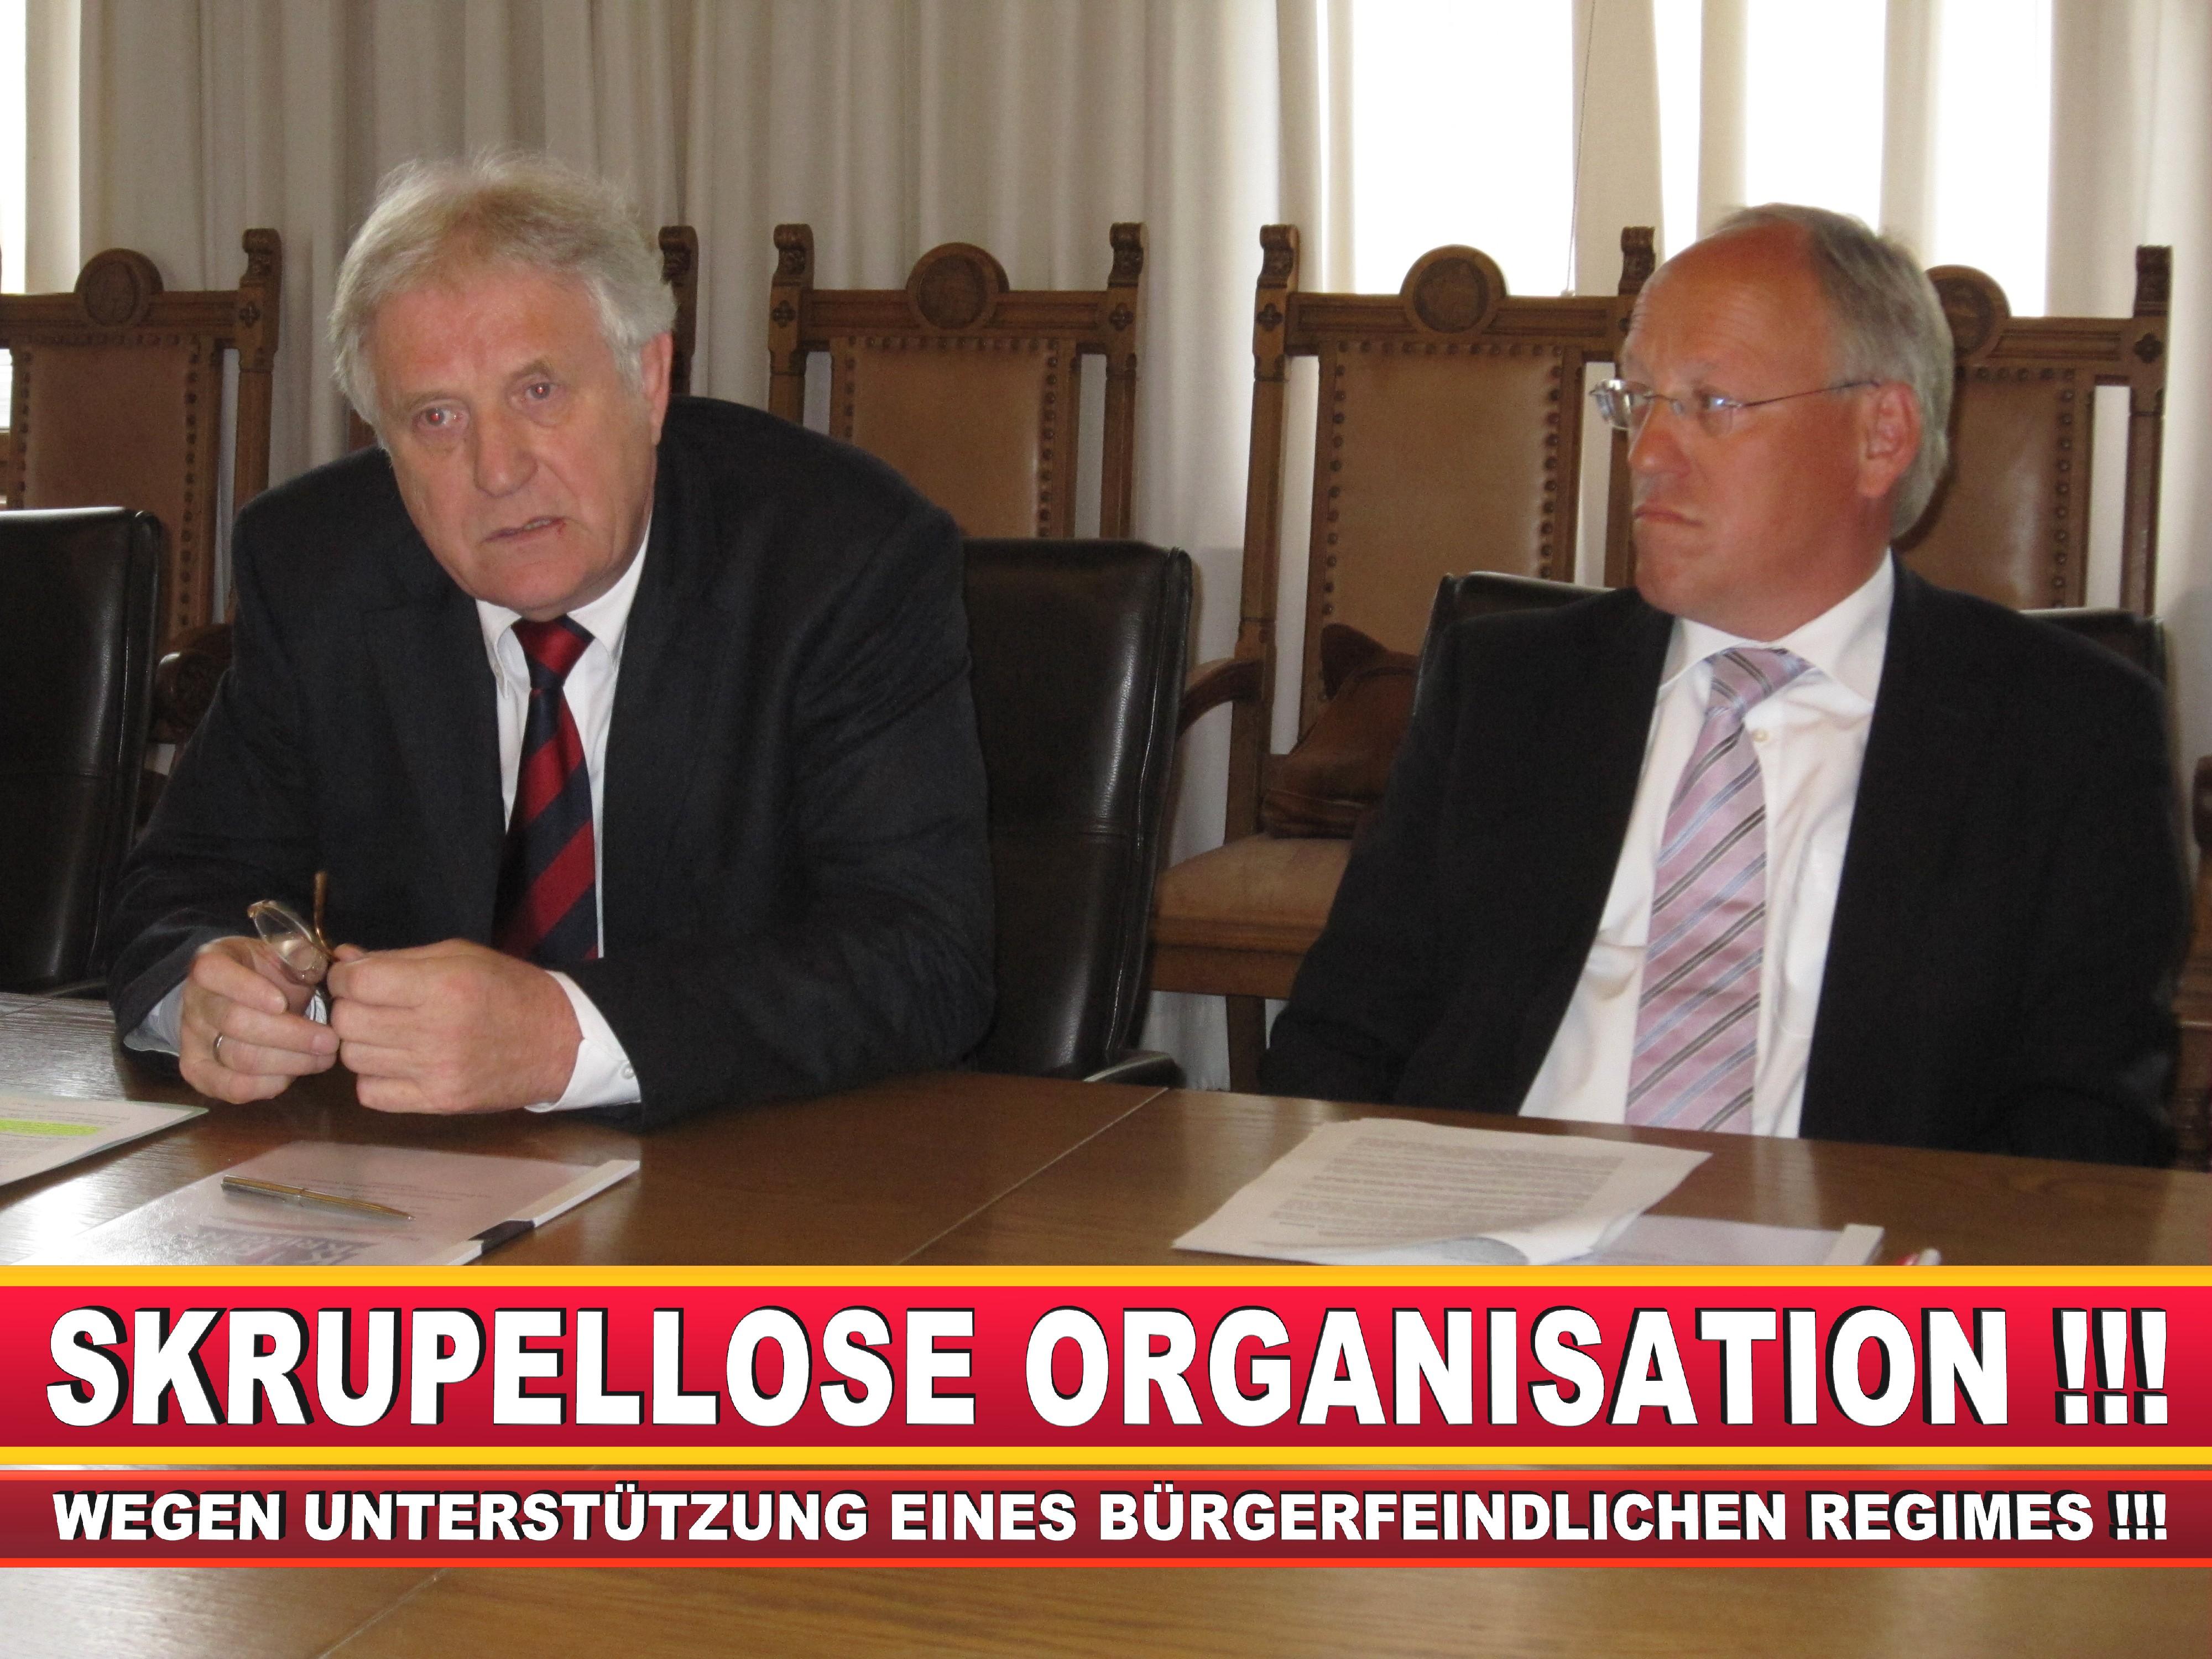 Polizeipräsident Erwin Südfeld Bielefeld Oberbürgermeister Bürgermeister Peter Clausen Pit Clausen Bielefeld (23)